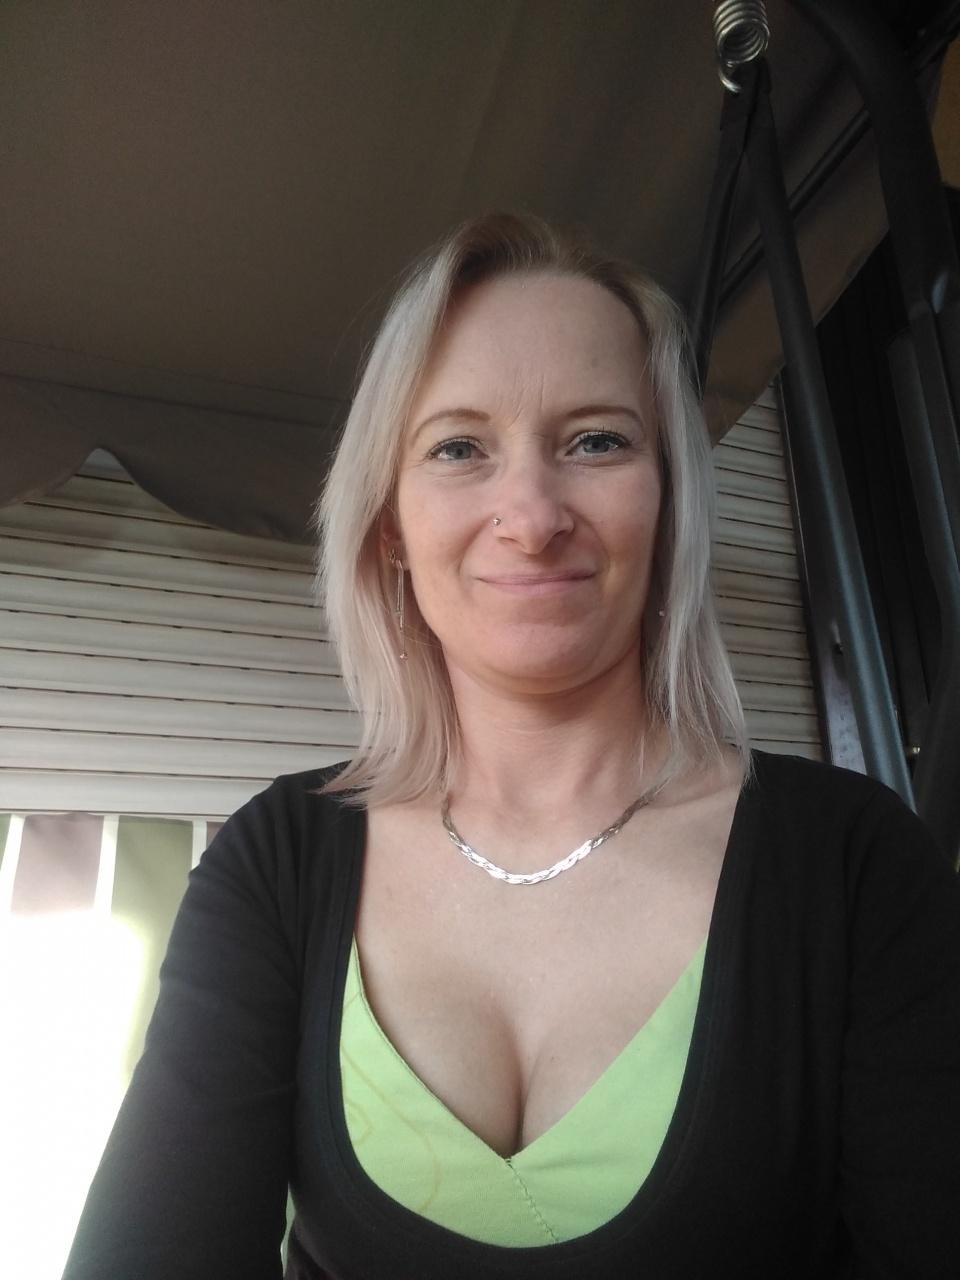 érett angyal társkereső, 37 éves nő, Budapest - plastenka.hu társkereső